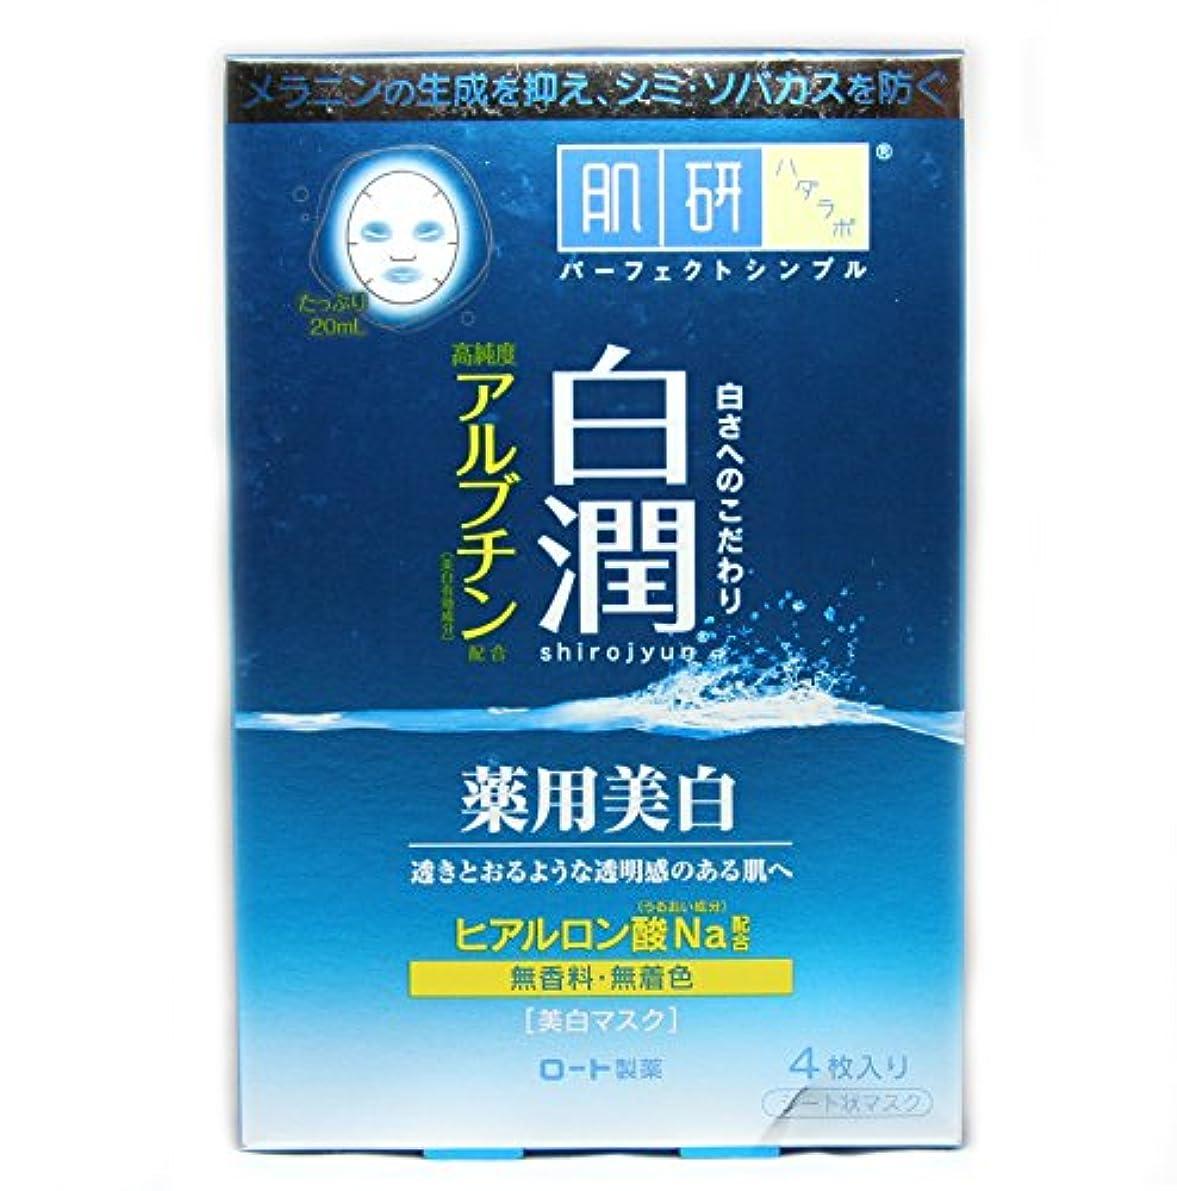 連結するストライク同じ肌研白潤薬用美白マスク